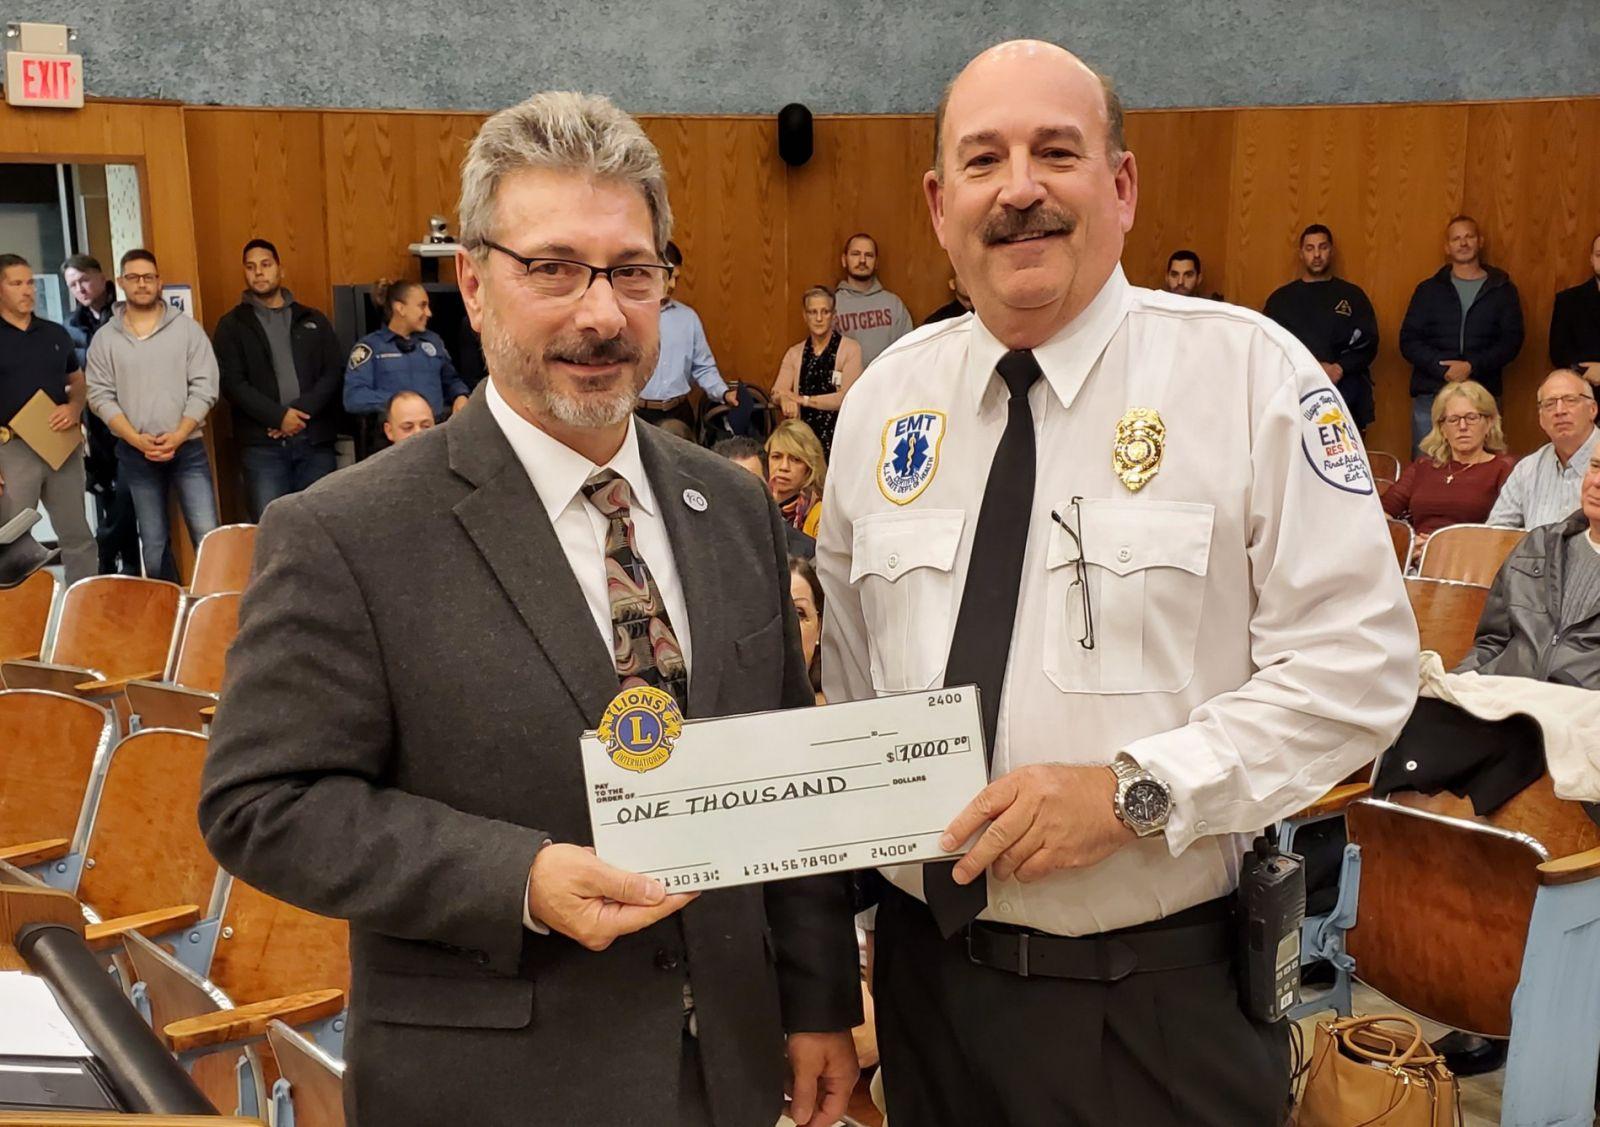 Bob Coe, Wayne Township Volunteer First Aid Squad — at Wayne Township NJ.